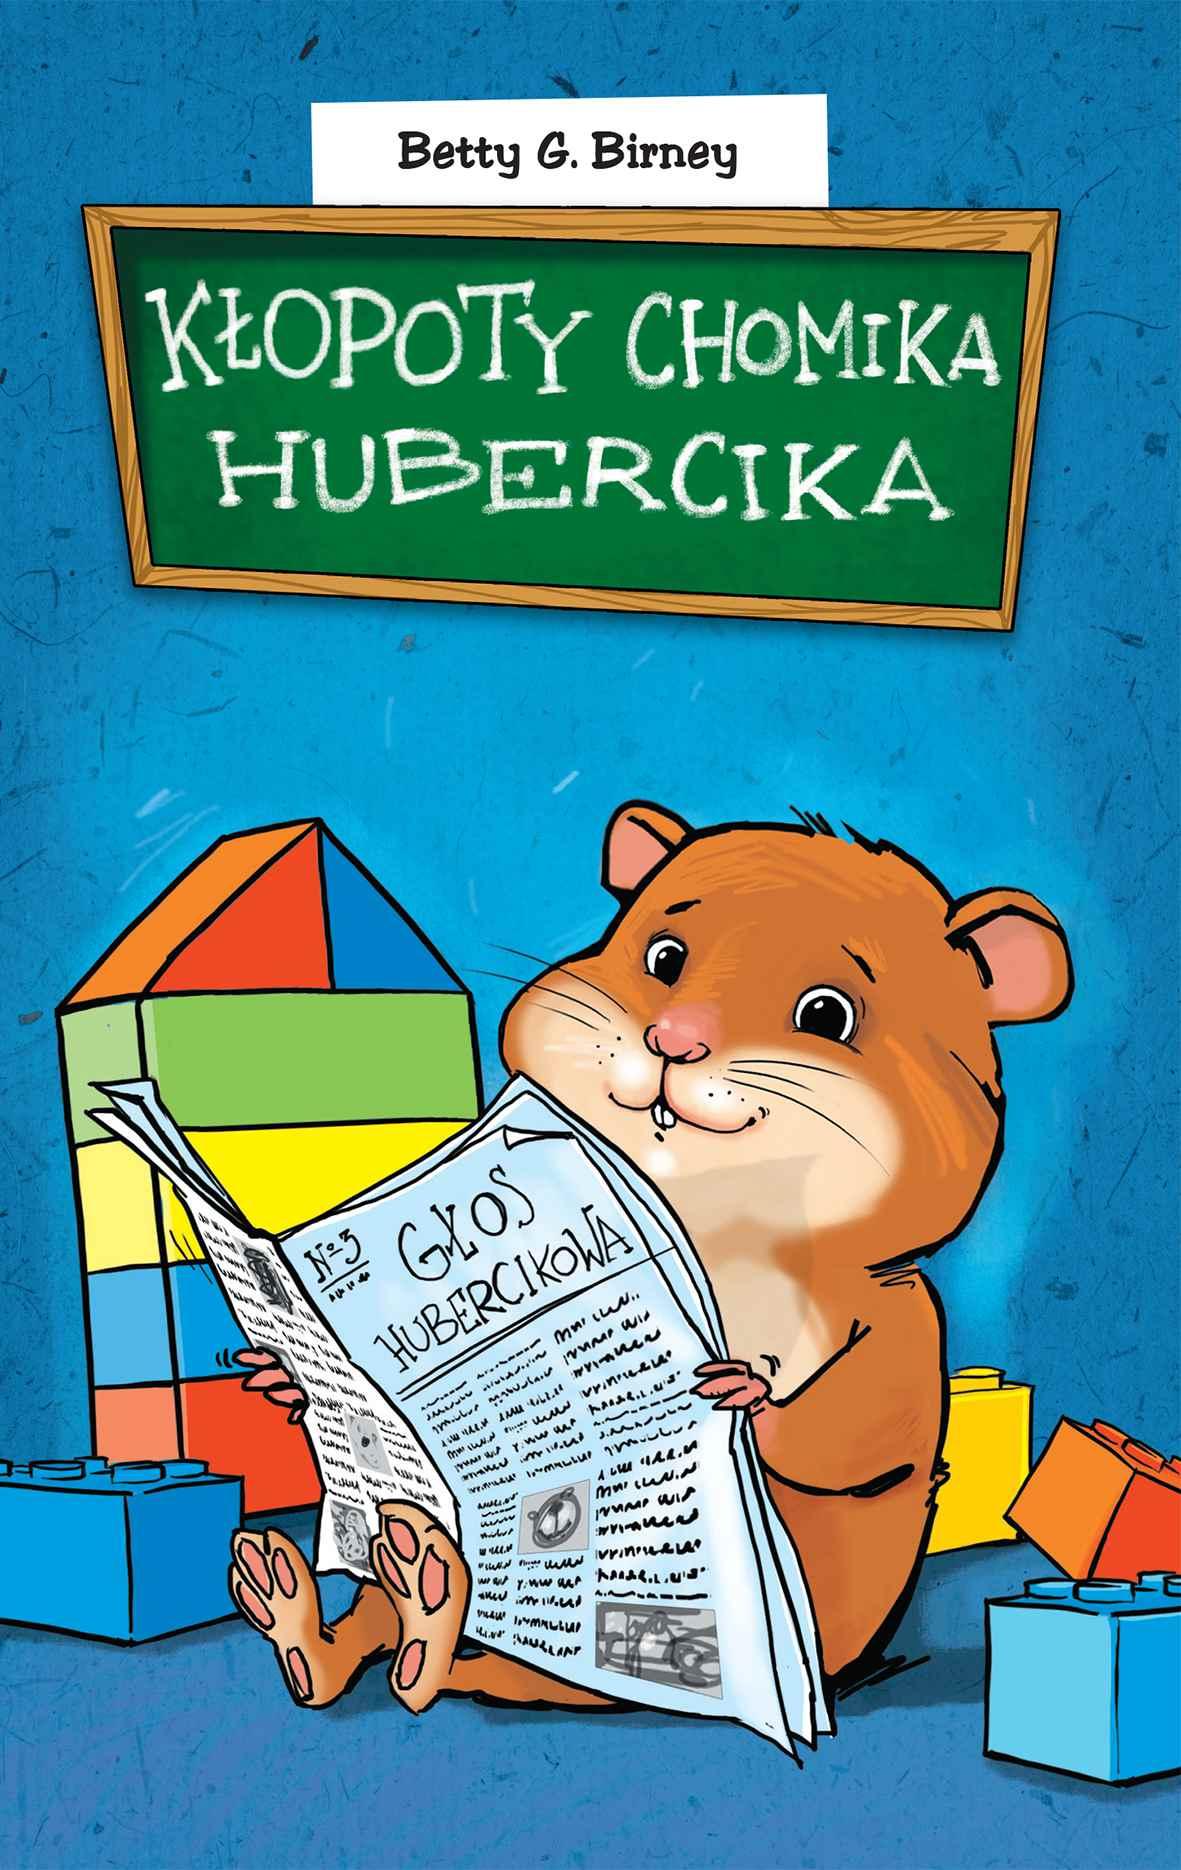 Kłopoty chomika Hubercika - Ebook (Książka na Kindle) do pobrania w formacie MOBI